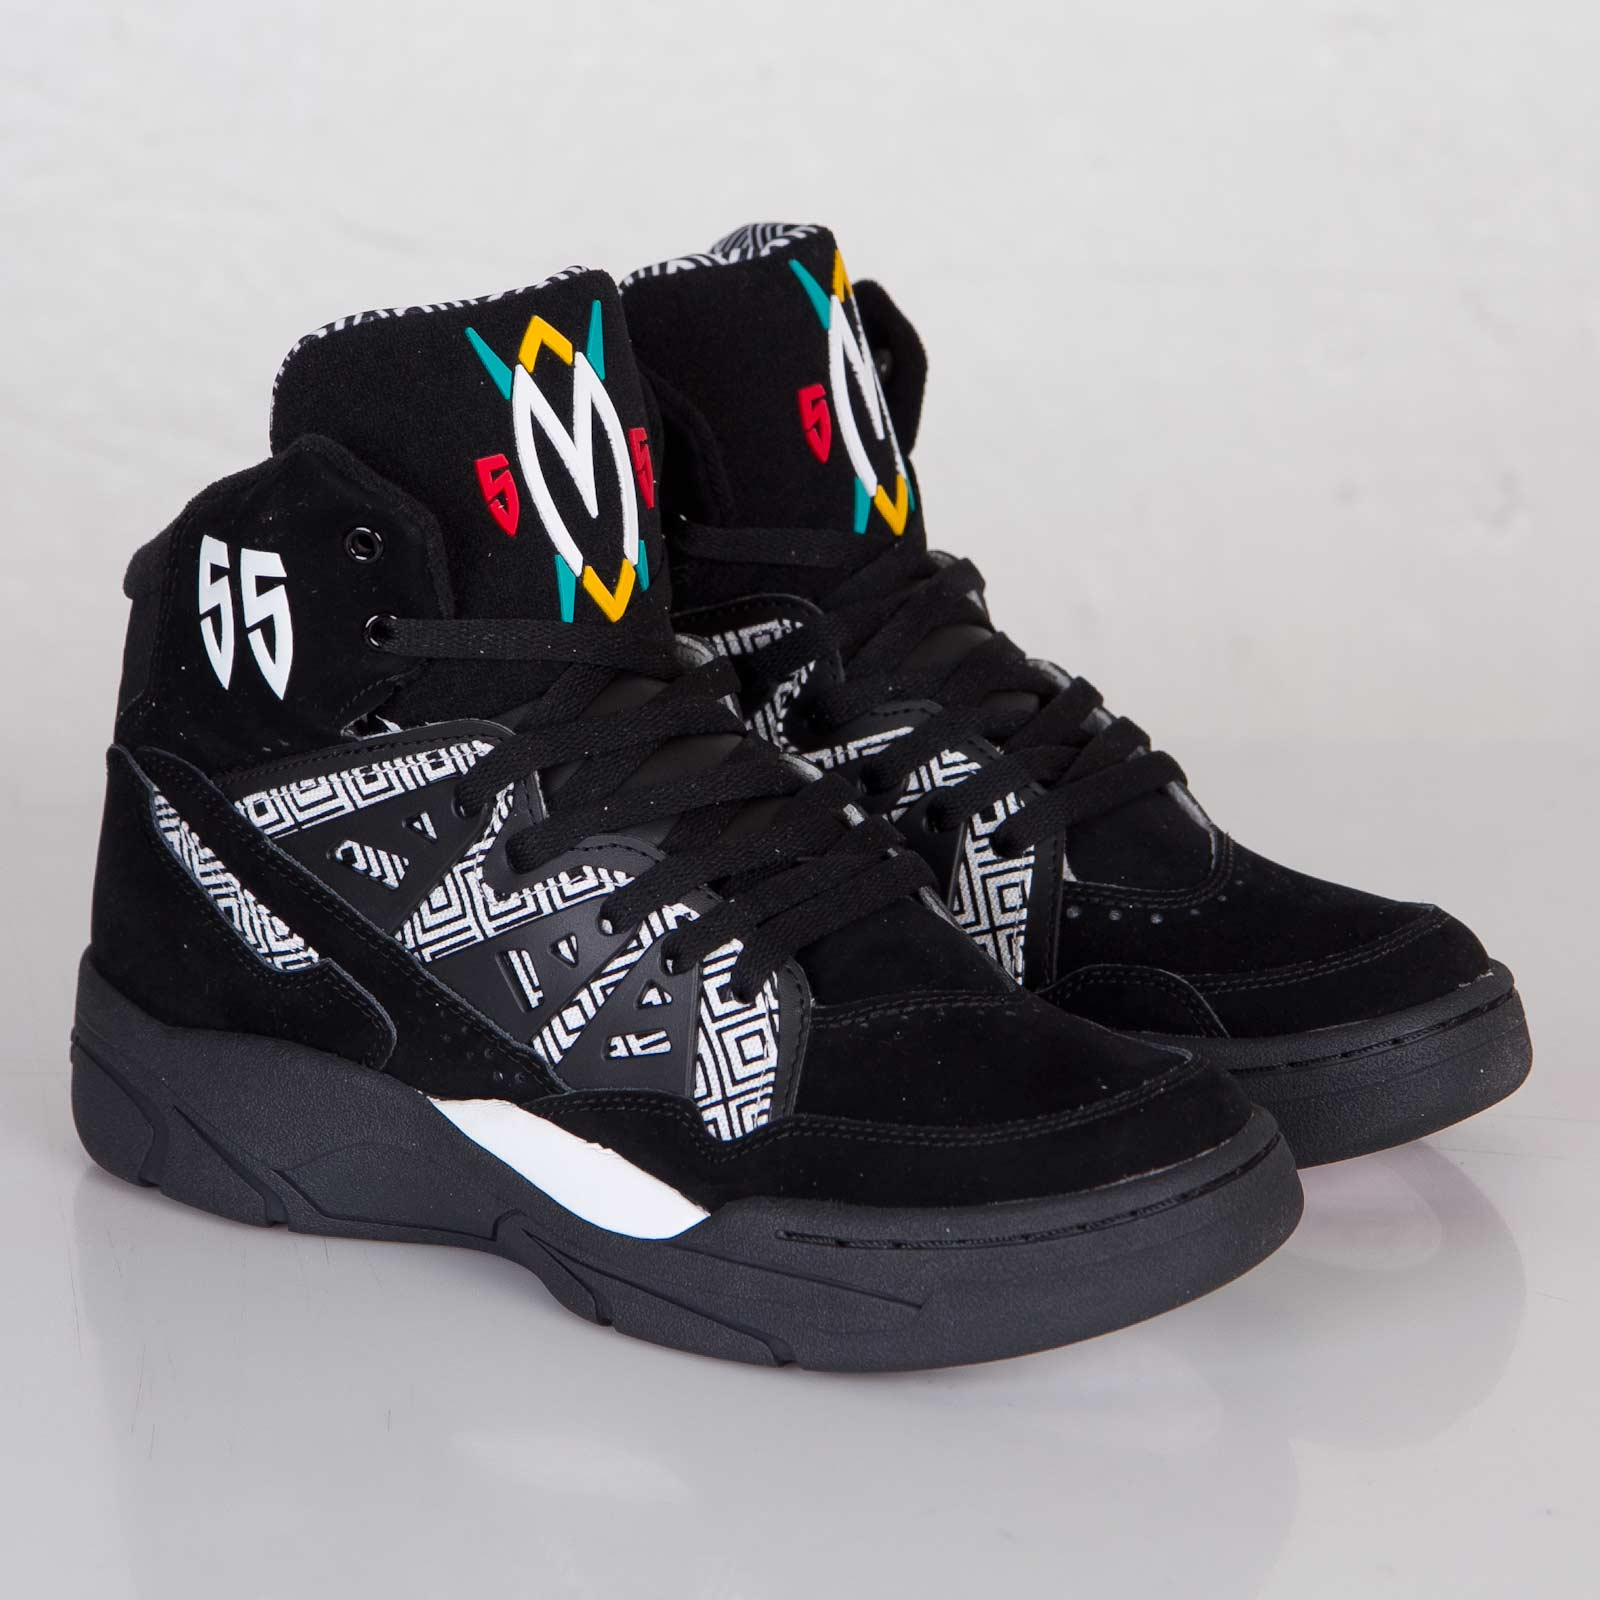 buy popular 6d147 0e1d2 adidas Mutombo - G99902 - Sneakersnstuff   sneakers   streetwear ...